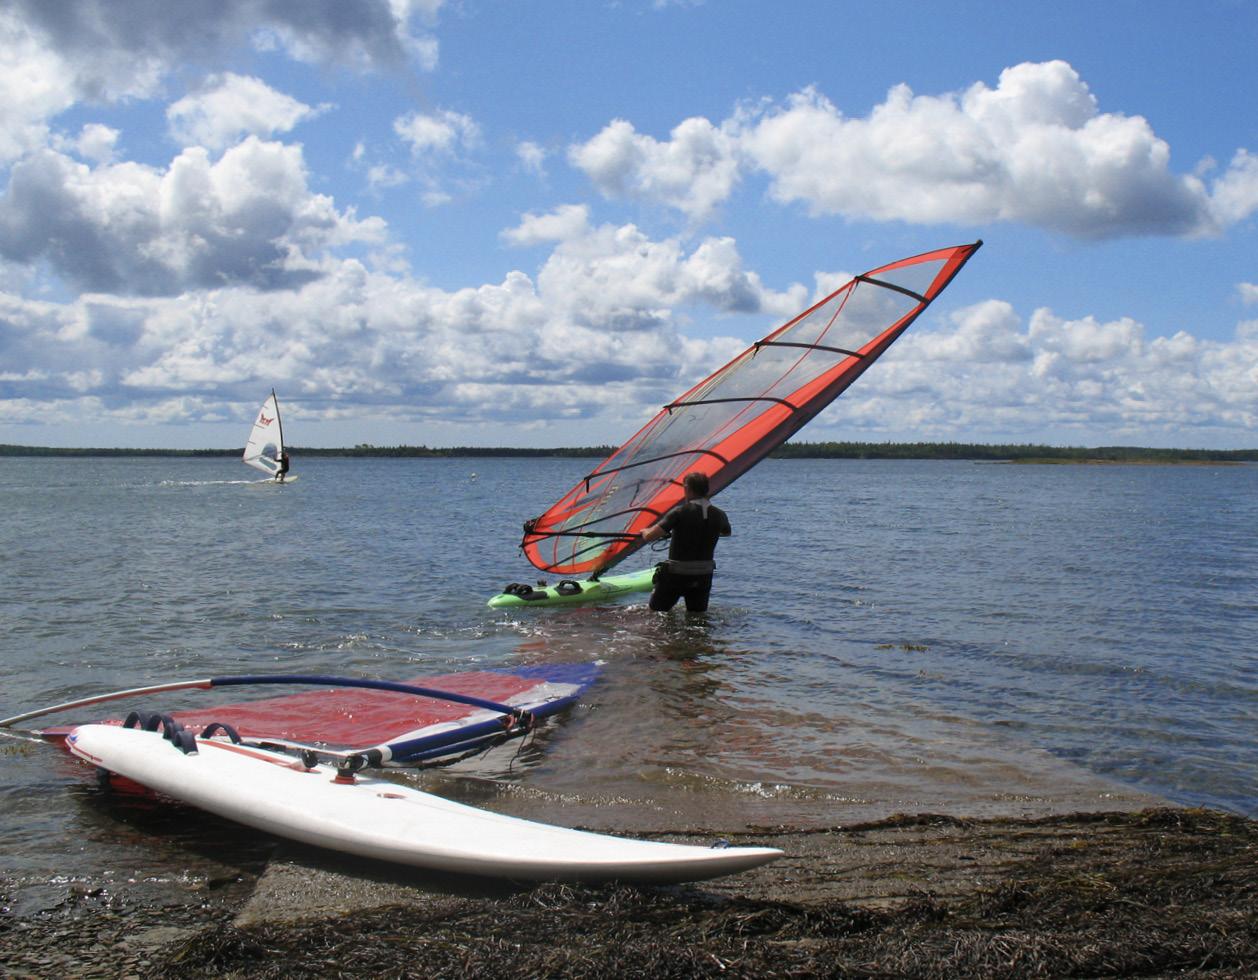 Profis setzen je nach ändernder Windstärke unterschiedliche Windsurfausrüstungen ein